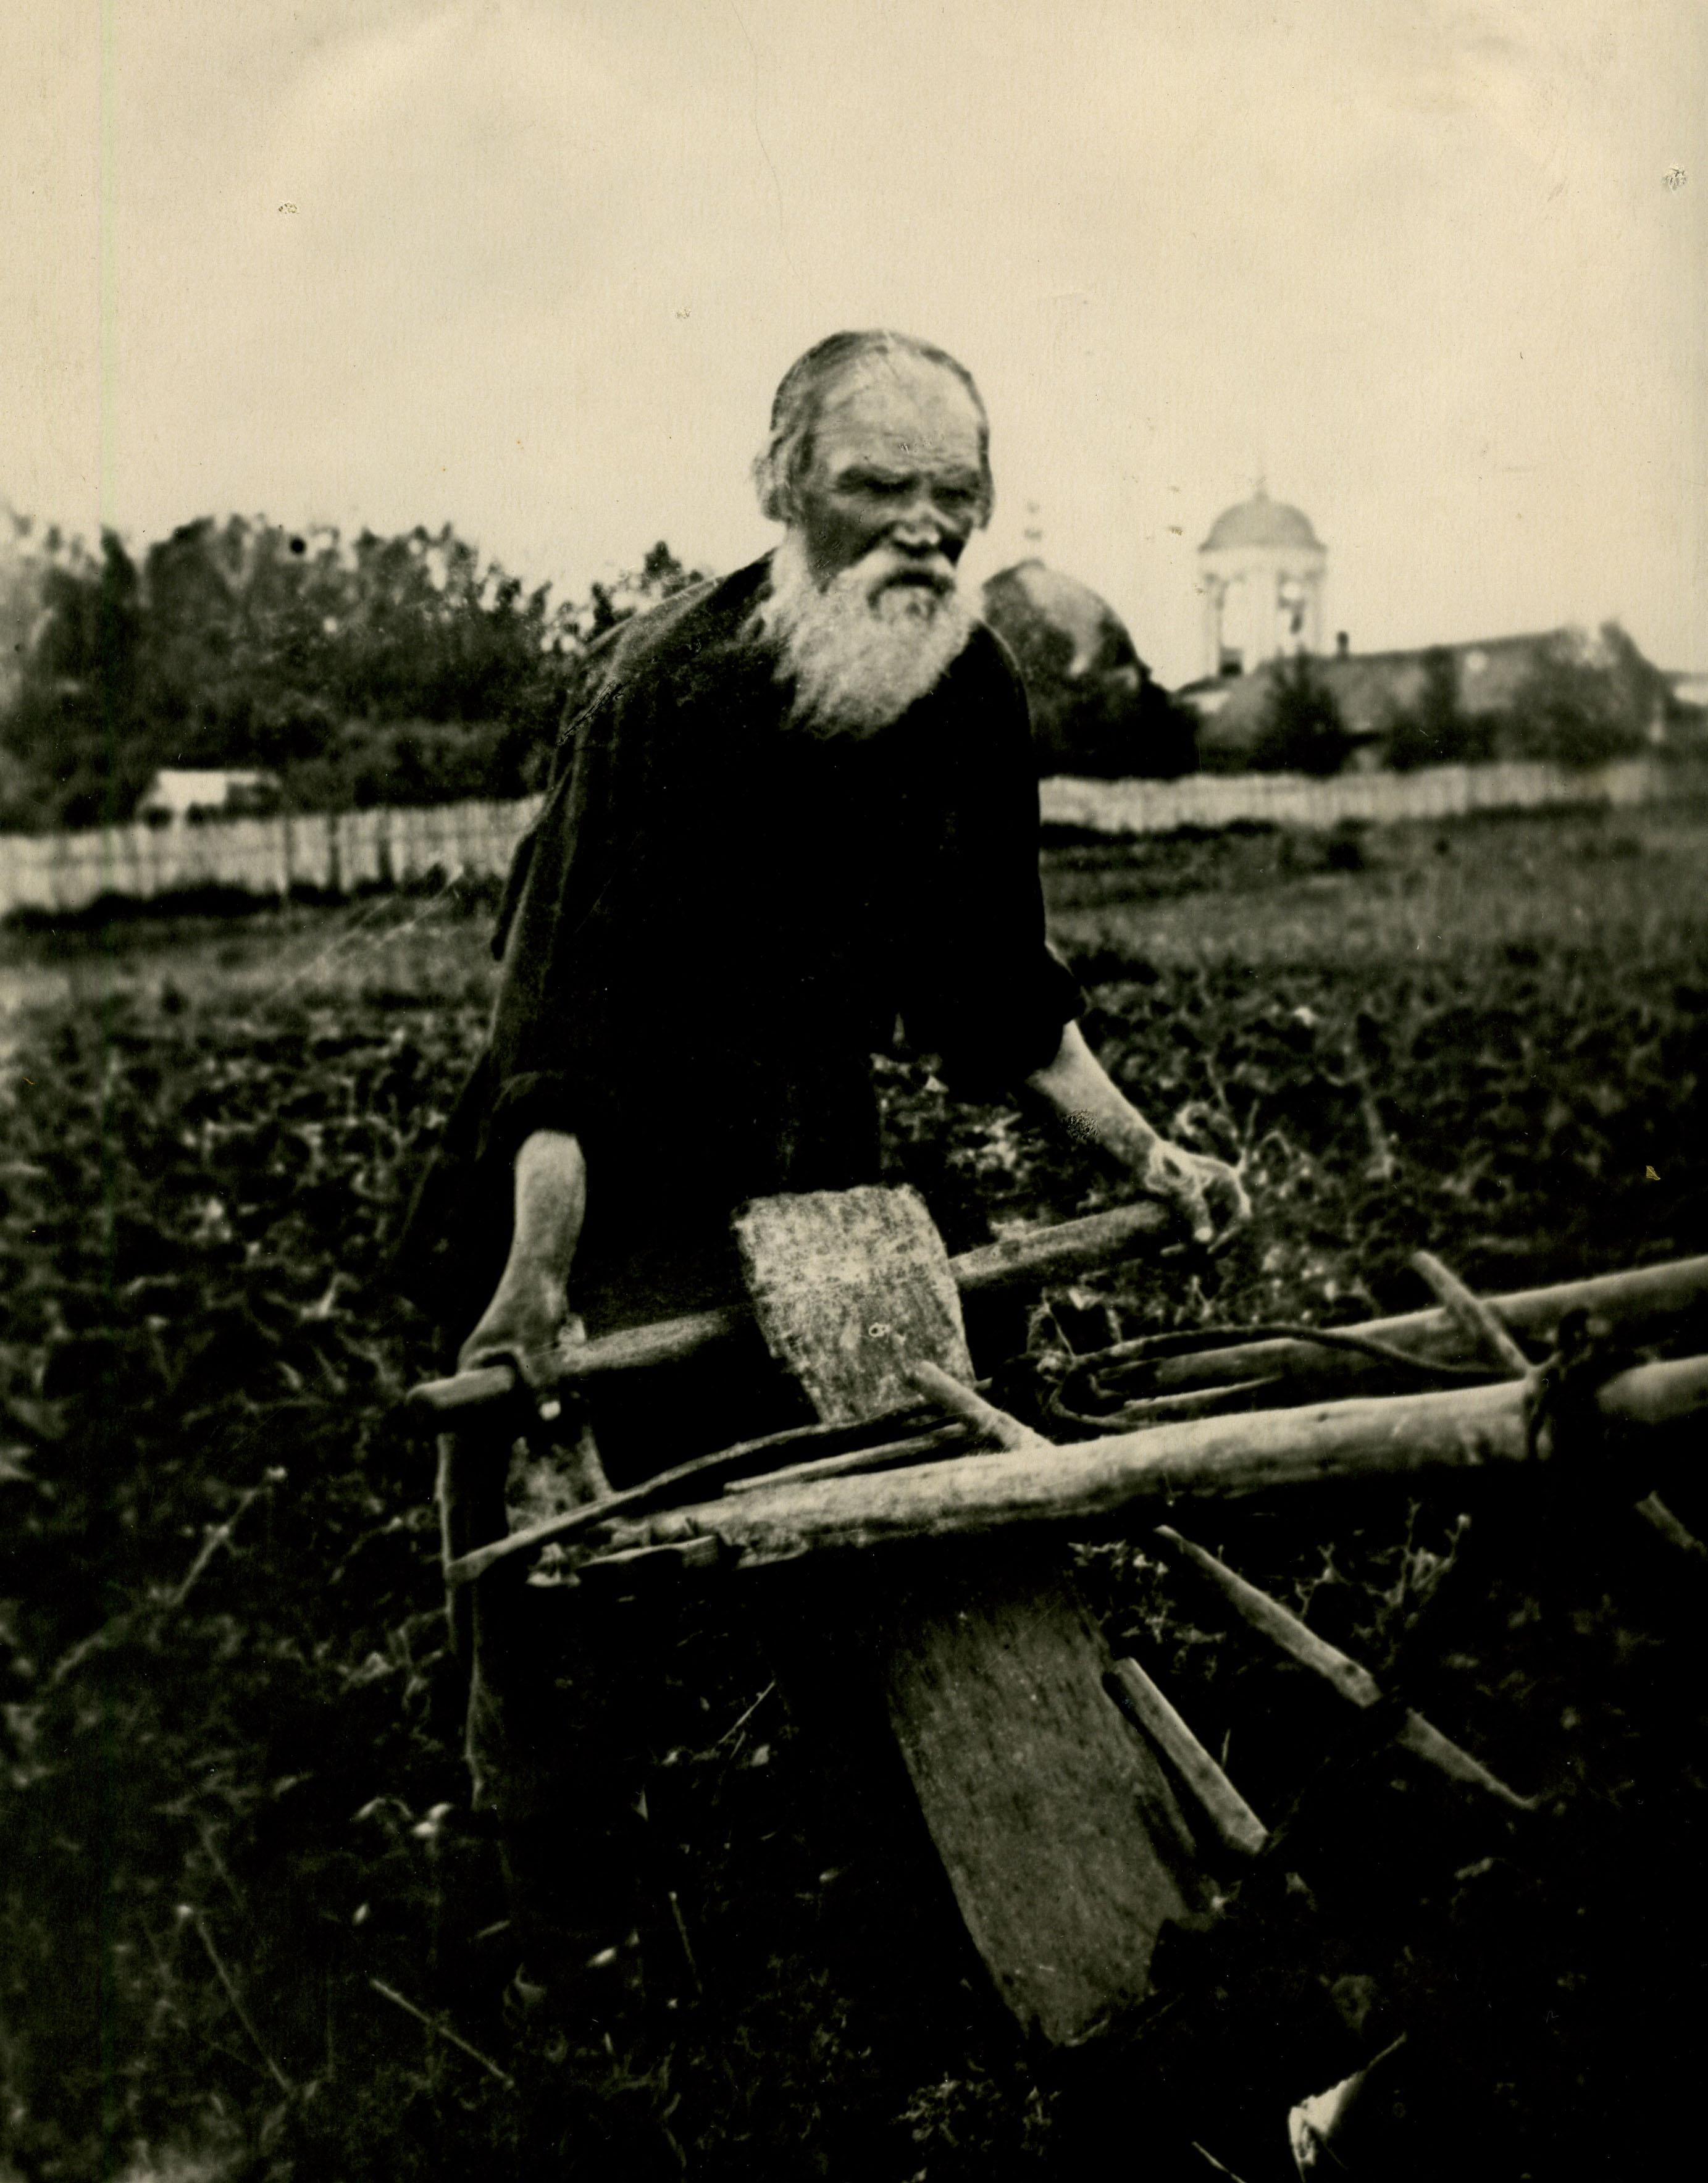 Пахарь. Муромский уезд, 1890-е